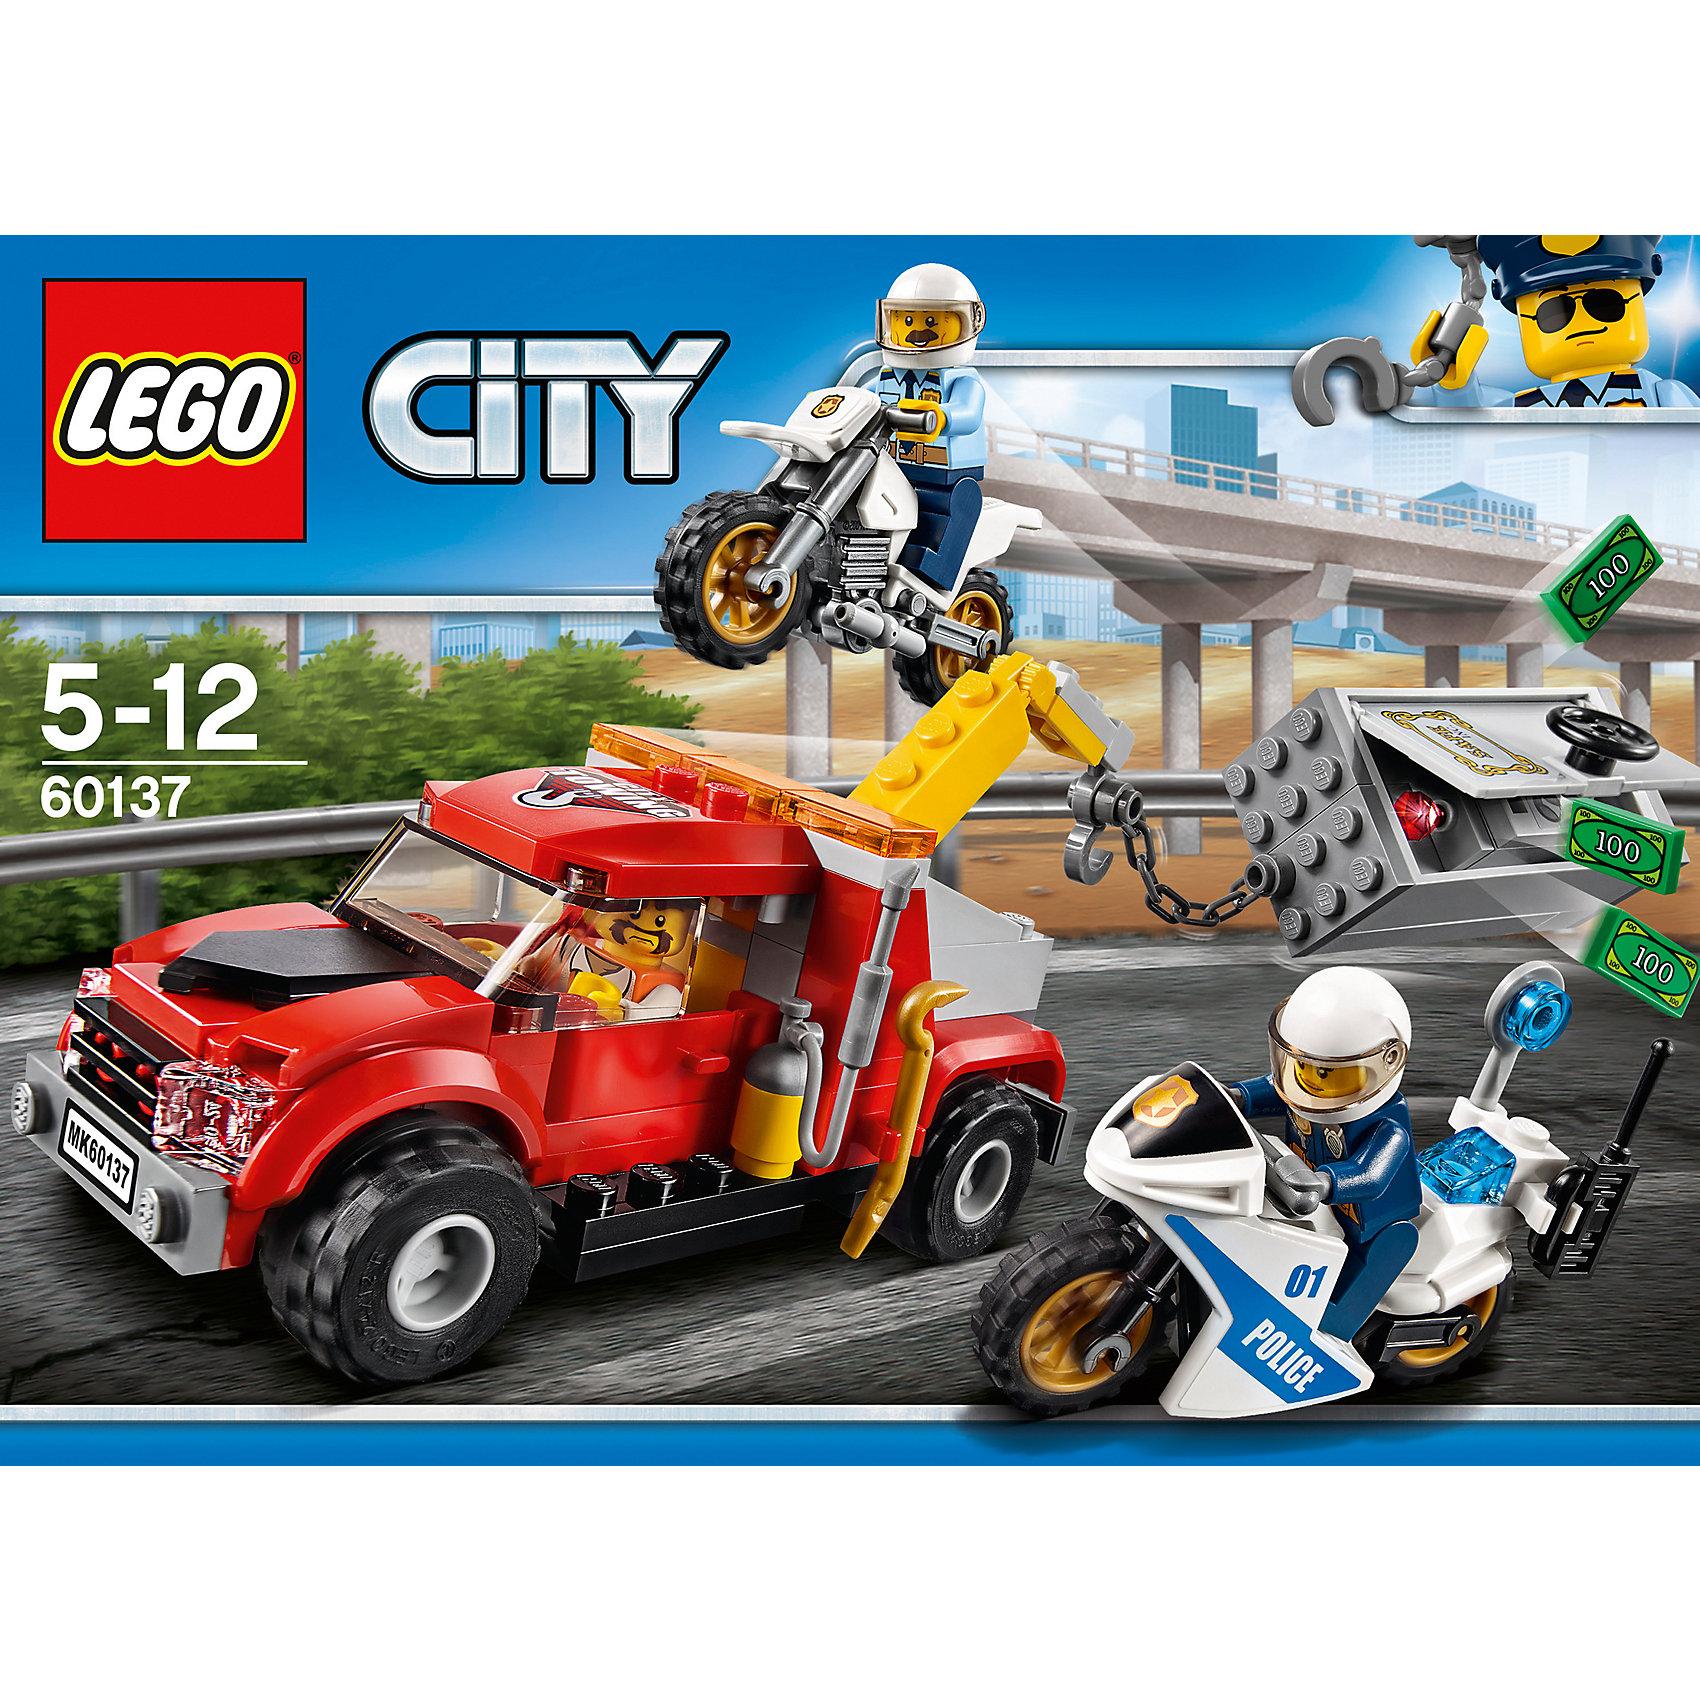 LEGO City 60137: Побег на буксировщикеПластмассовые конструкторы<br>LEGO City 60137: Побег на буксировщике<br><br>Характеристики:<br><br>- в набор входит: два мотоцикла, буксировщик, сейф, 3 фигурки, аксессуары, инструкция<br>- состав: пластик<br>- количество деталей: 144<br>- размер коробки: 26 * 6 * 19 см.<br>- размер эвакуатора: 12 * 5 * 6 см.<br>- размер мотоциклов: 7 * 3 * 3 см. <br>- размер сейфа: 4 * 3 * 6 см.<br>- для детей в возрасте: от 5 до 12 лет<br>- Страна производитель: Дания/Китай/Чехия<br><br>Легендарный конструктор LEGO (ЛЕГО) представляет серию «City» (Сити) в виде деталей жизни большого города, в котором есть абсолютно все. Серия делает игры еще более настоящими, благодаря отличным аксессуарам. Стражи закона Лего Сити всегда готовы прийти на помощь жителям города. На этот раз грабитель похитил сейф с помощью дорожного эвакуатора Лего Сити. Двое полицейских всегда на страже порядка и вооружившись наручниками они мчатся за грабителем. Полицейские мотоциклы имеют два разных дизайна, один скоростной, предназначенный для погони, а второй патрульный с рацией и синей сигнальной лампой. Все детали на колесиках двигаются и подходят к другим наборам Лего. Буксировщик отлично выполнен и содержит в своем составе много маленьких и уникальных деталей. Минифигурки отлично детализированы и качественно прорисованы. Шлемы полицейских снимаются, а прозрачное стекло отодвигается назад. В набор аксессуаров входит ломик, огнетушитель, наручники, денежные детали, рация. Помоги полицейским добиться справедливости. Моделируй разные истории и ситуации в Лего Сити!<br><br>Конструктор  LEGO City 60137: Побег на буксировщике можно купить в нашем интернет-магазине.<br><br>Ширина мм: 262<br>Глубина мм: 192<br>Высота мм: 66<br>Вес г: 299<br>Возраст от месяцев: 60<br>Возраст до месяцев: 144<br>Пол: Мужской<br>Возраст: Детский<br>SKU: 5002453